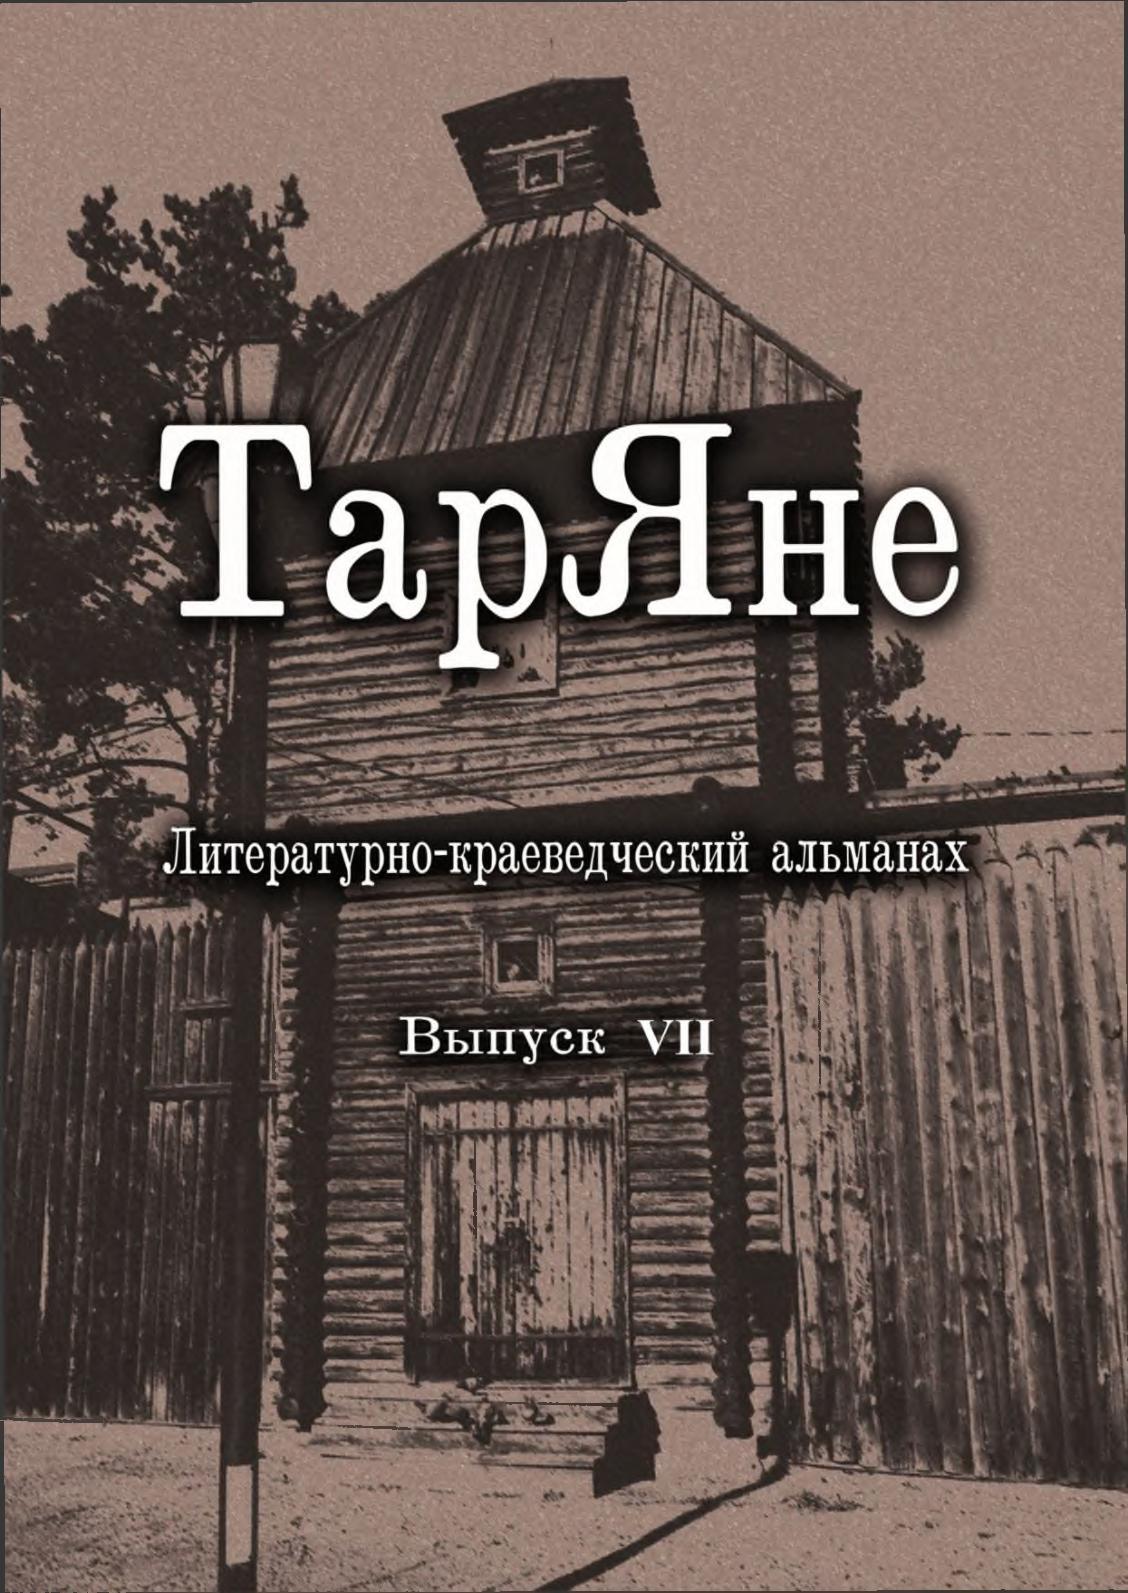 """Литературно-краеведческий альманах """"Таряне"""". Выпуск 7"""